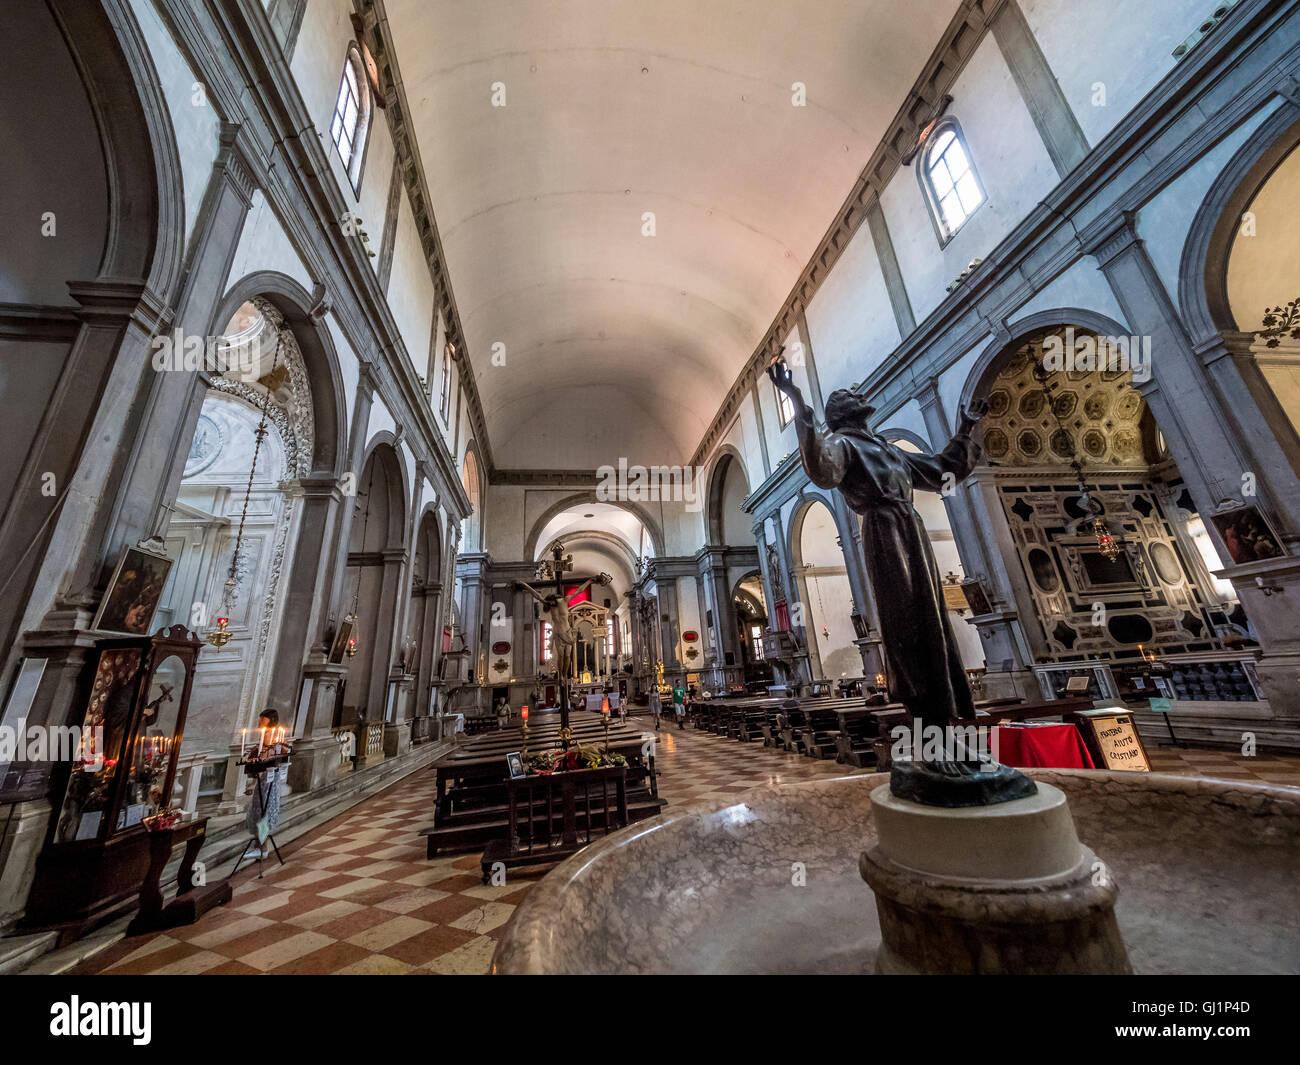 Corridoio interno, altare, font e banchi in legno di San Francesco della Vigna,Venezia, Italia. Immagini Stock